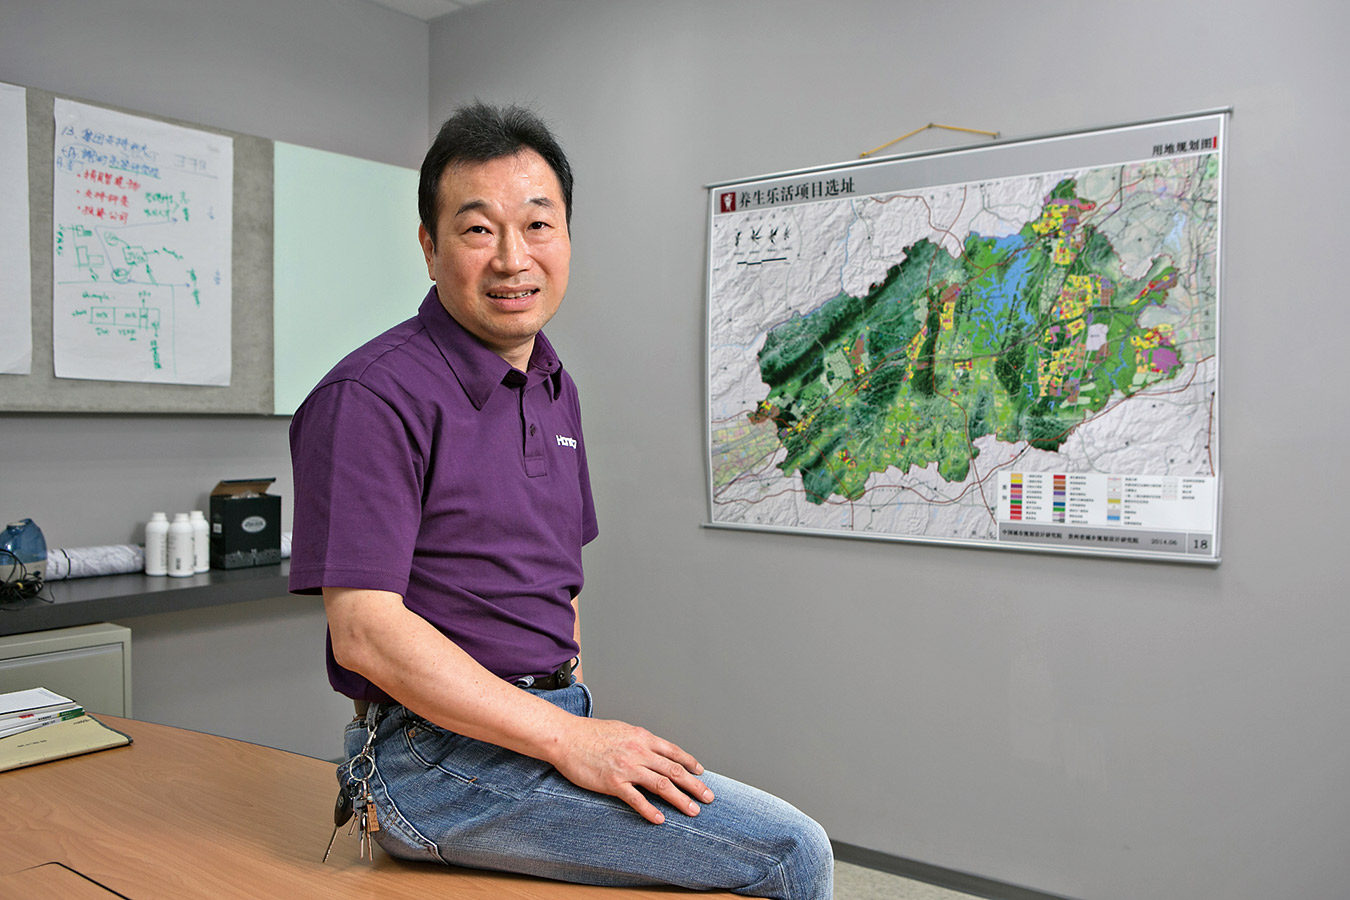 鴻海集團旗下樂活養生健康事業群董事長吳良襄